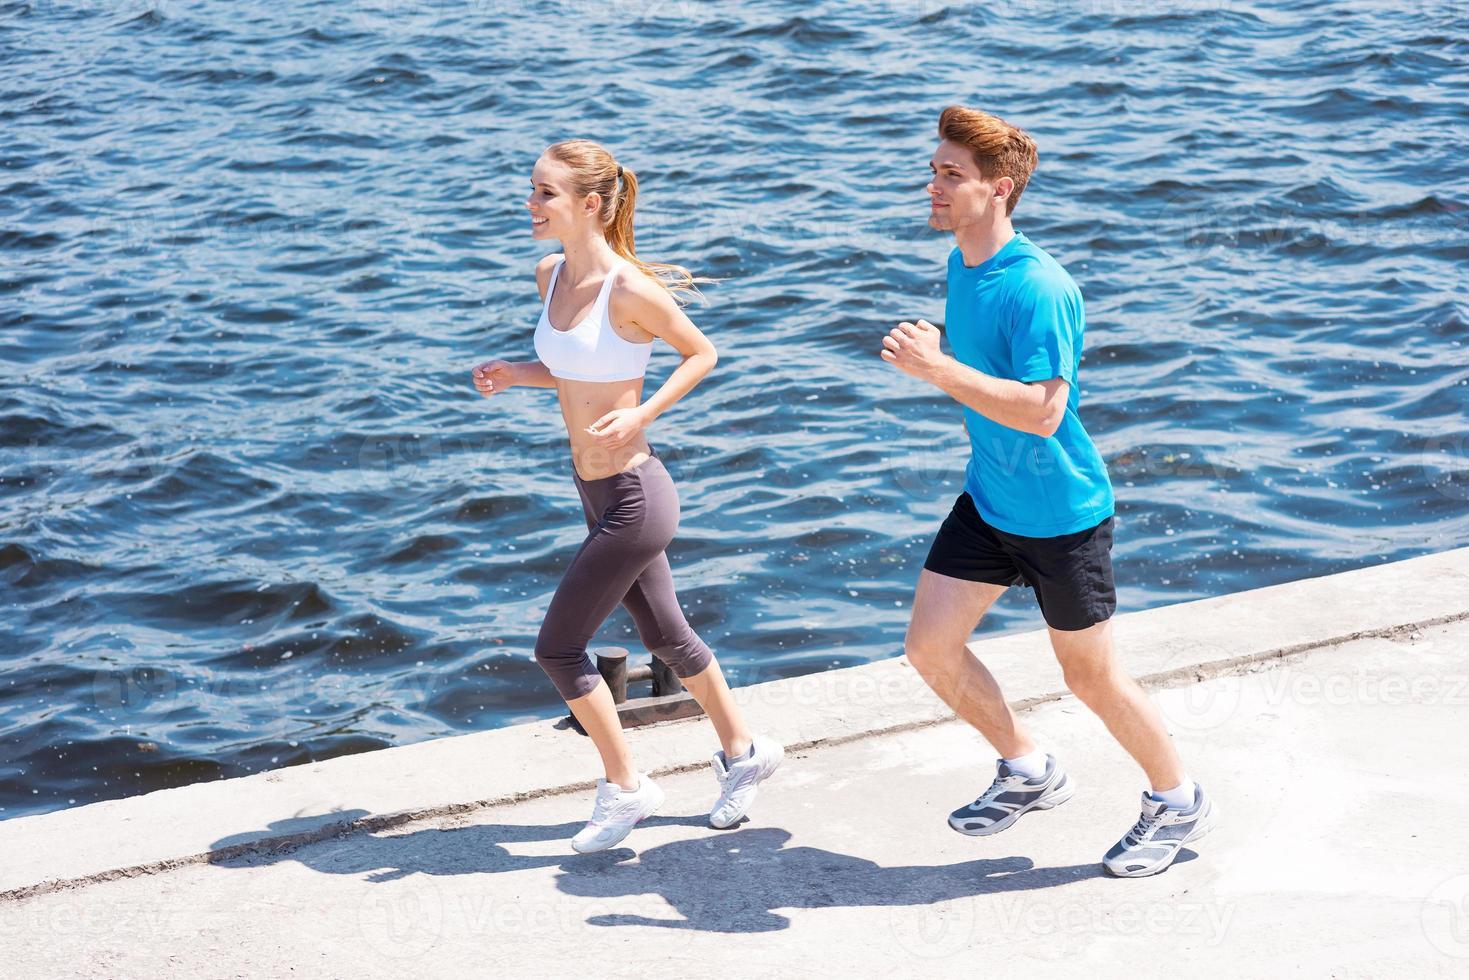 correndo juntos. foto